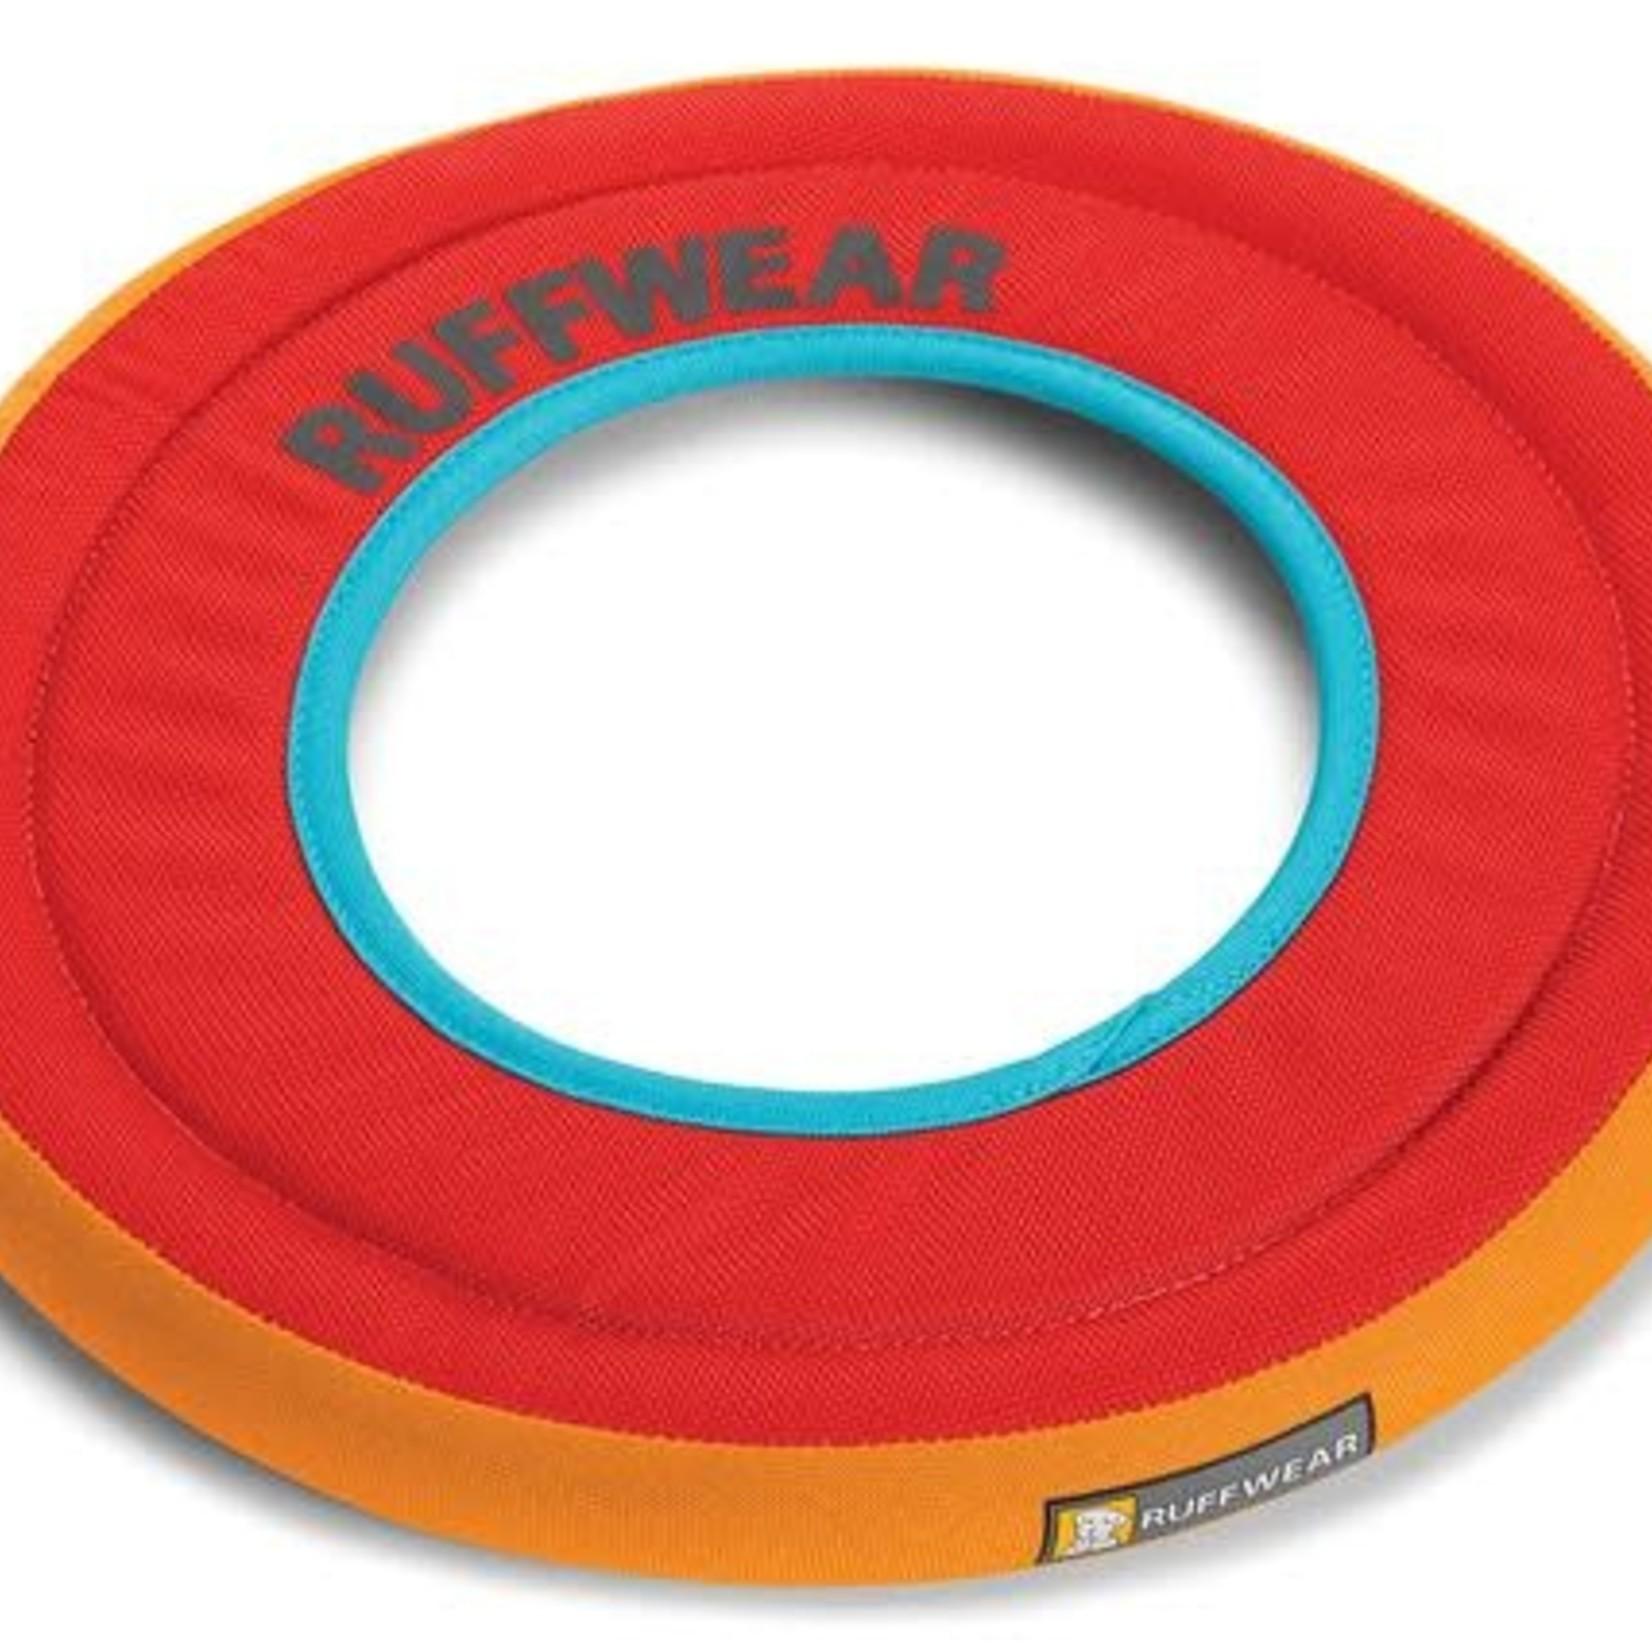 Ruff Wear Ruffwear Hydro Plane Floating Throw Toy Sockeye Red